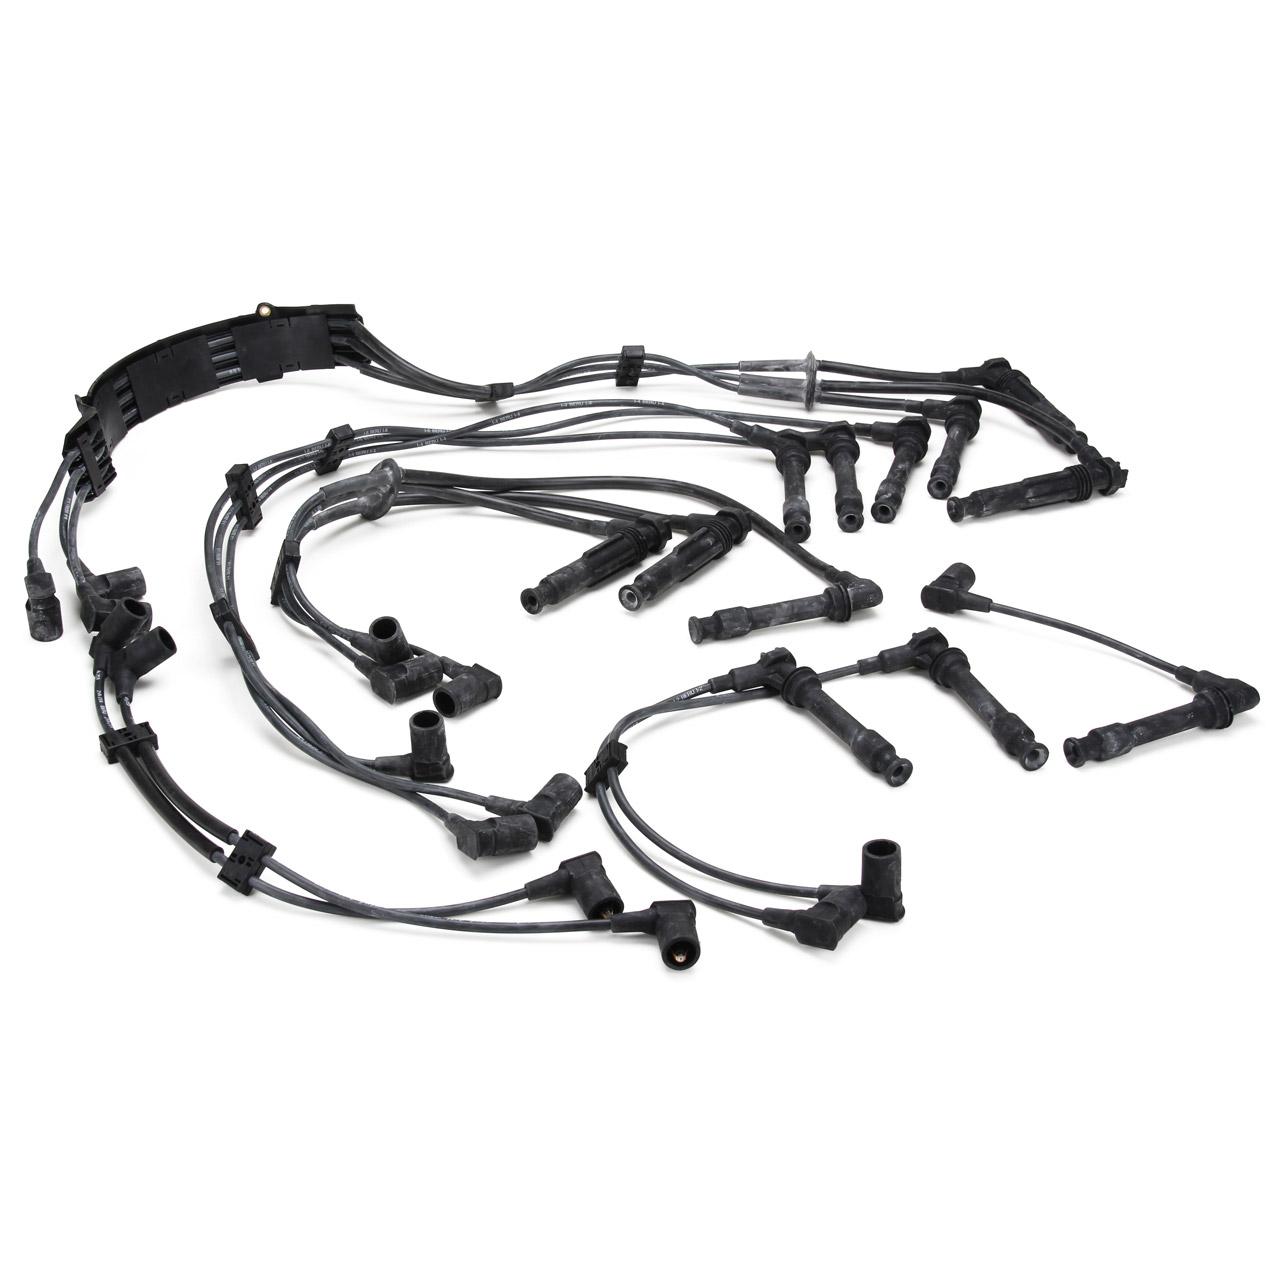 BERU ZE751 Zündkabelsatz für PORSCHE 911 964 3.6 Carrera / 3.6 Carrera 4 250 PS